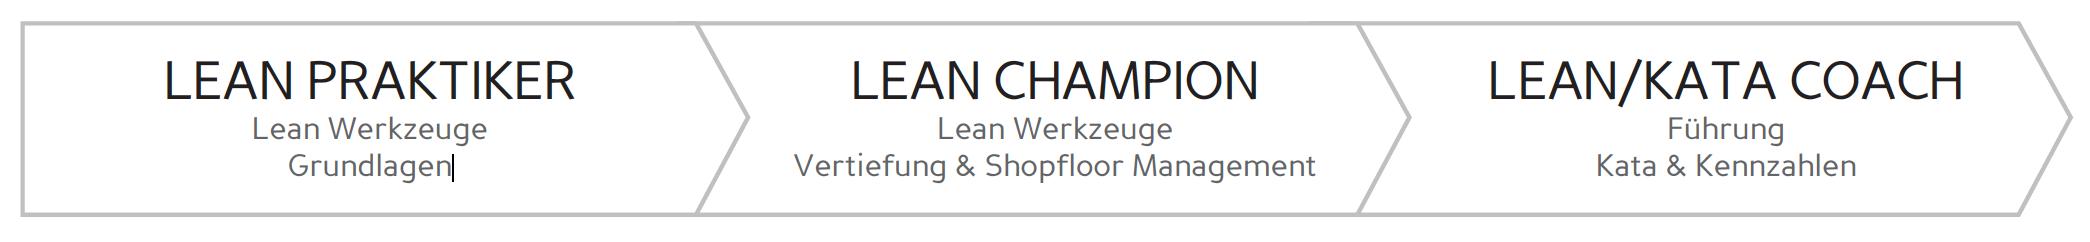 Leonardo_Ausbildung_lean_kata_coach